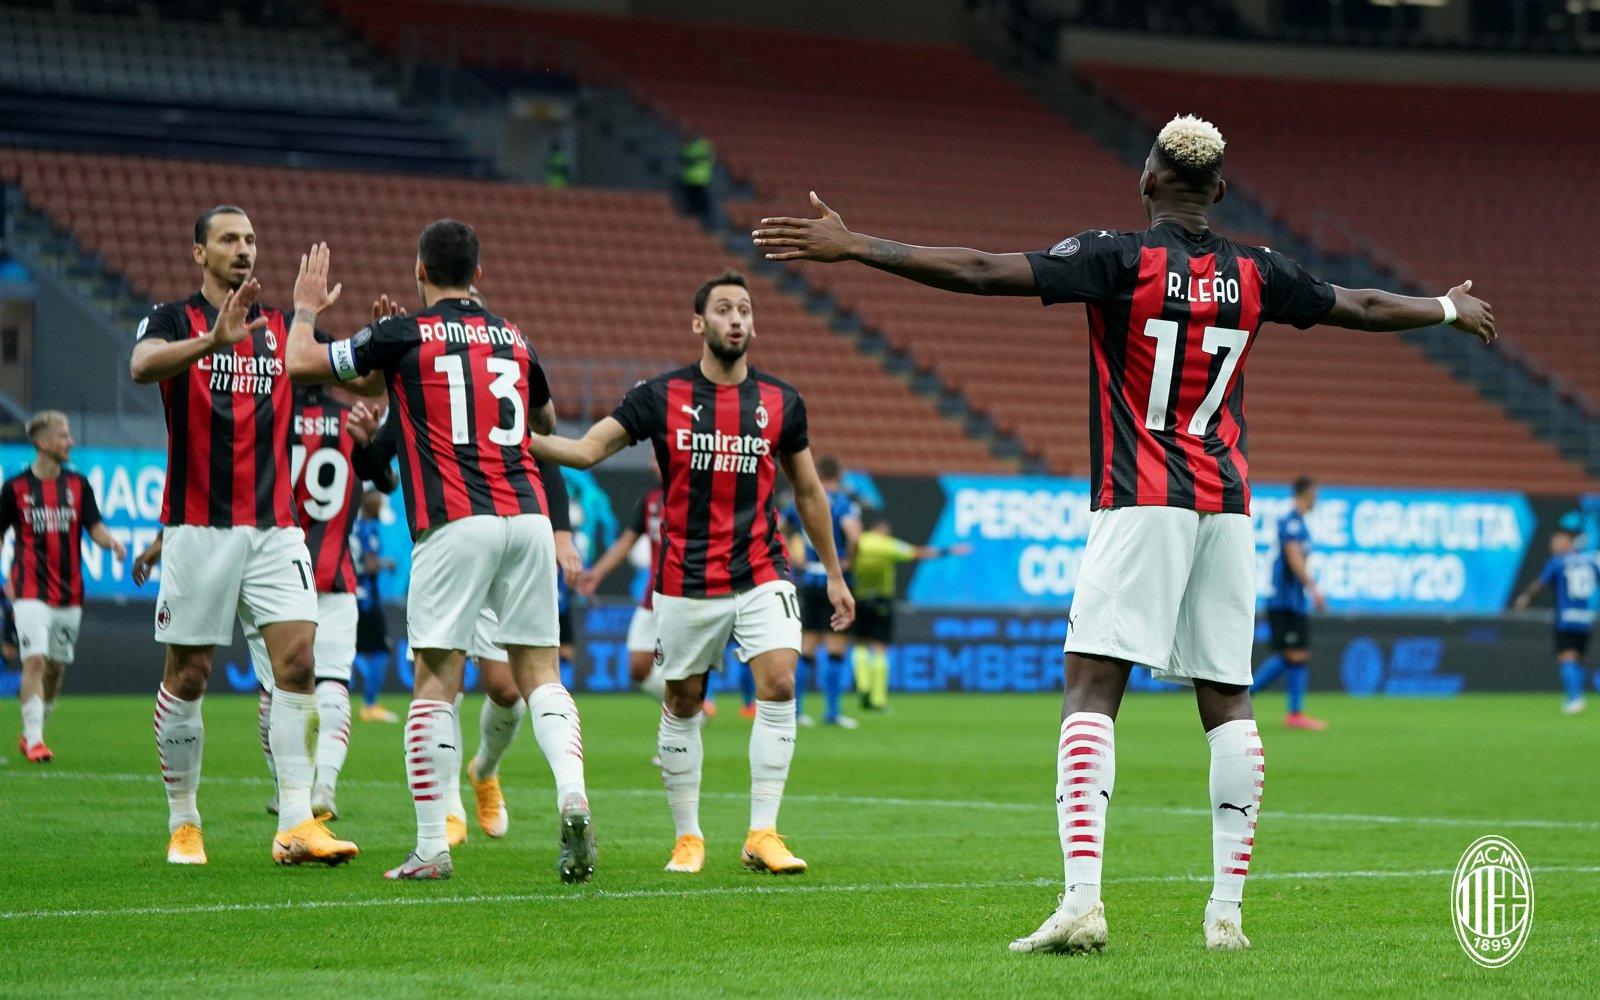 El sueco fue clave en la victoria del AC Milán